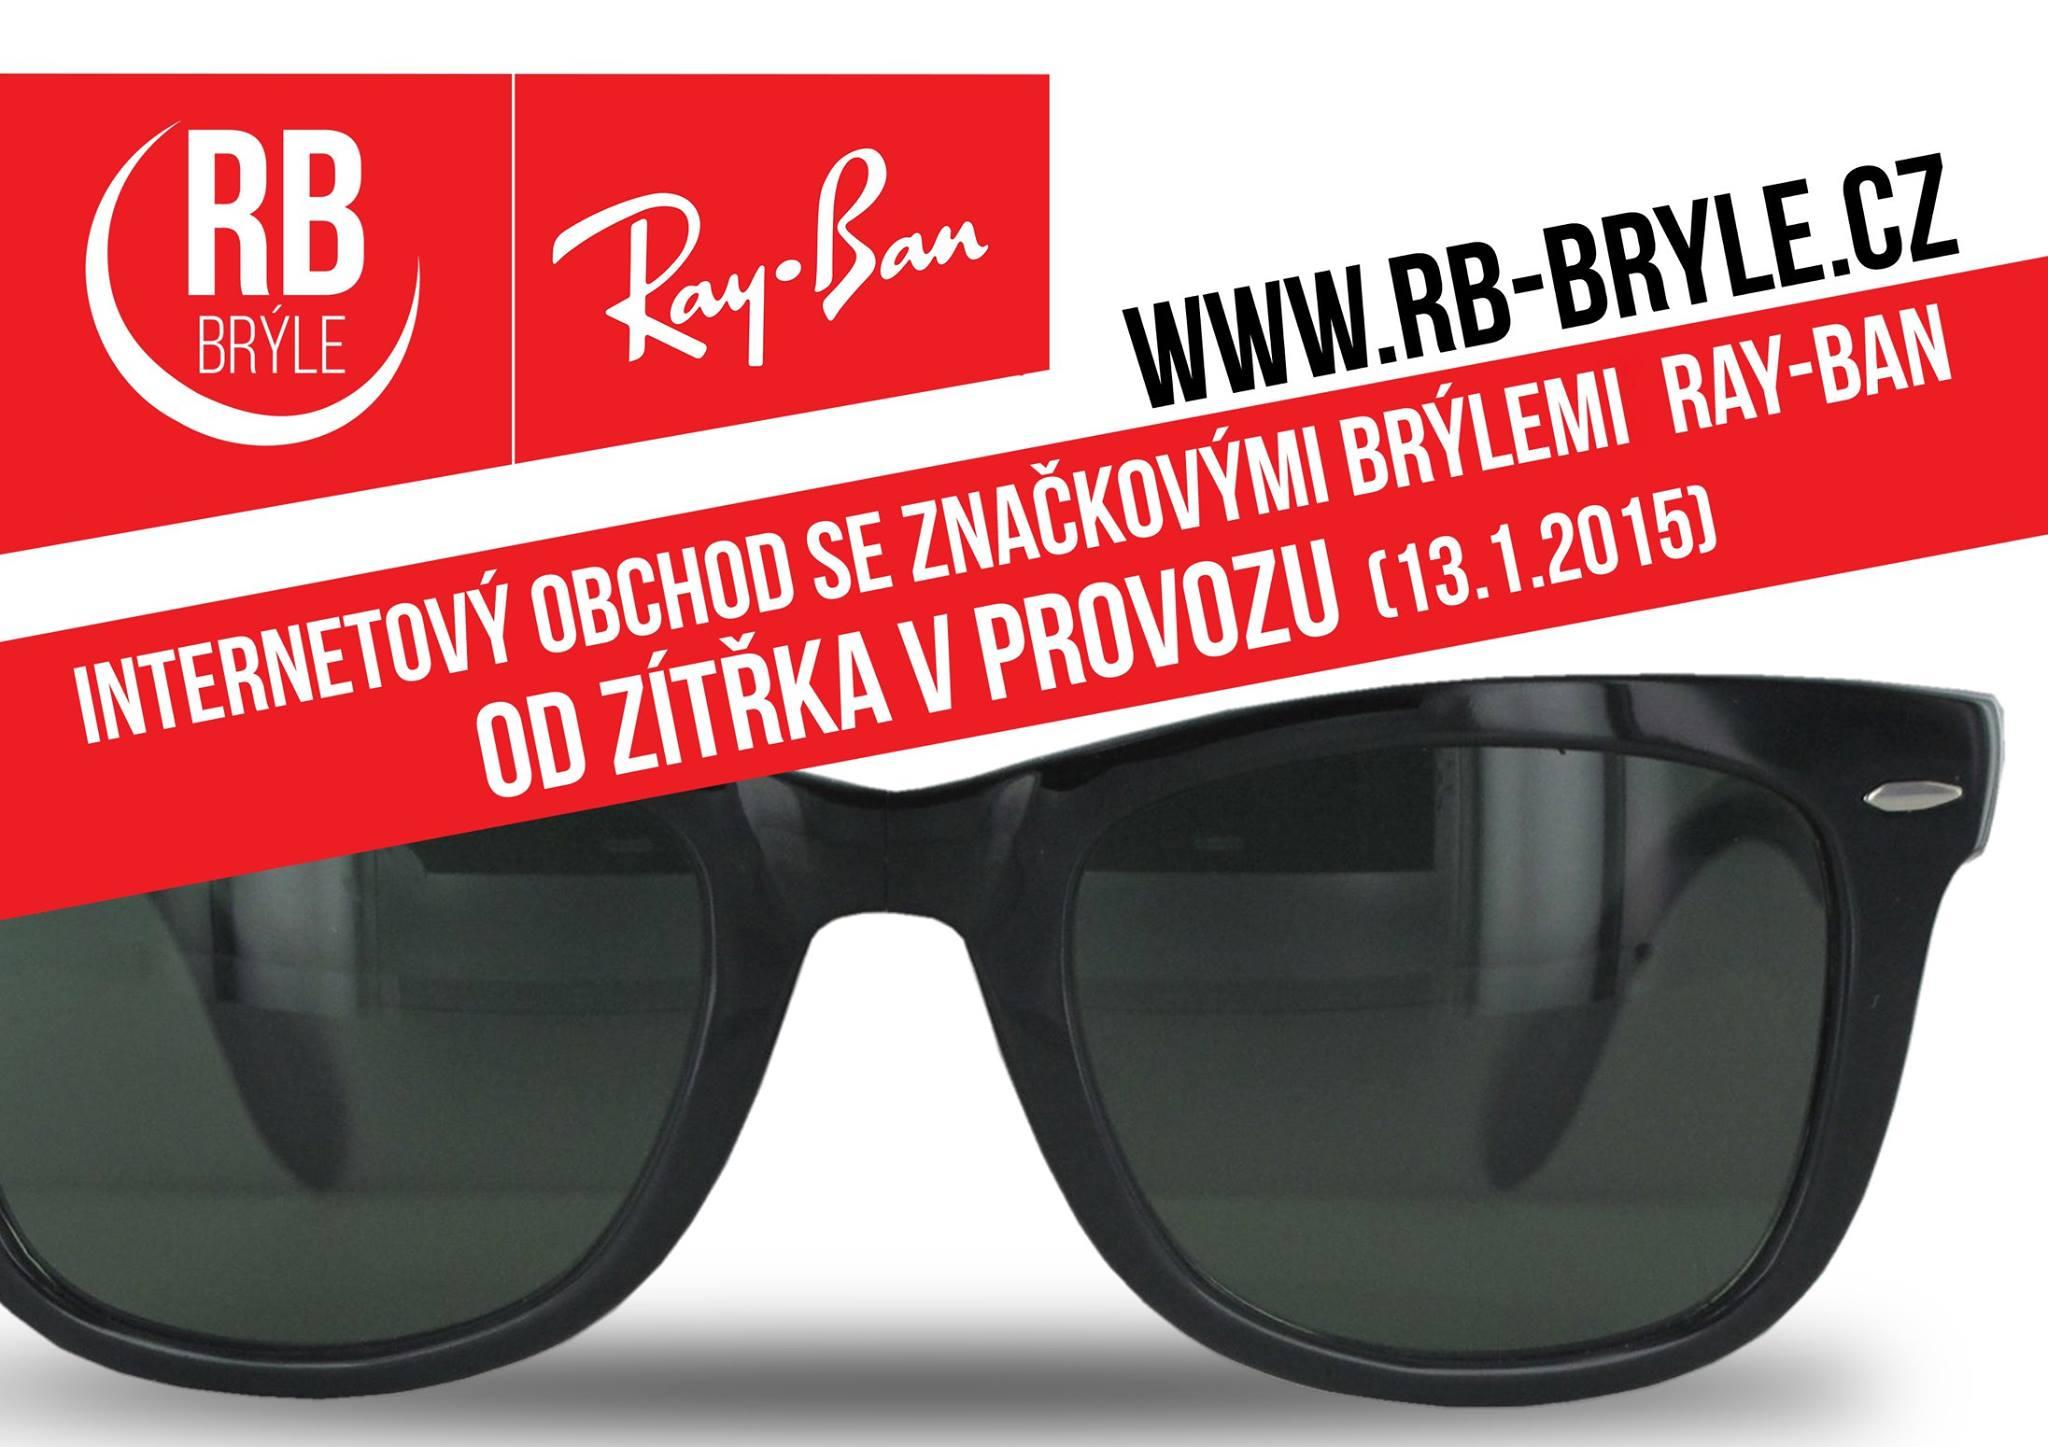 Zítra nově otevřený internetový obchod rb-bryle.cz